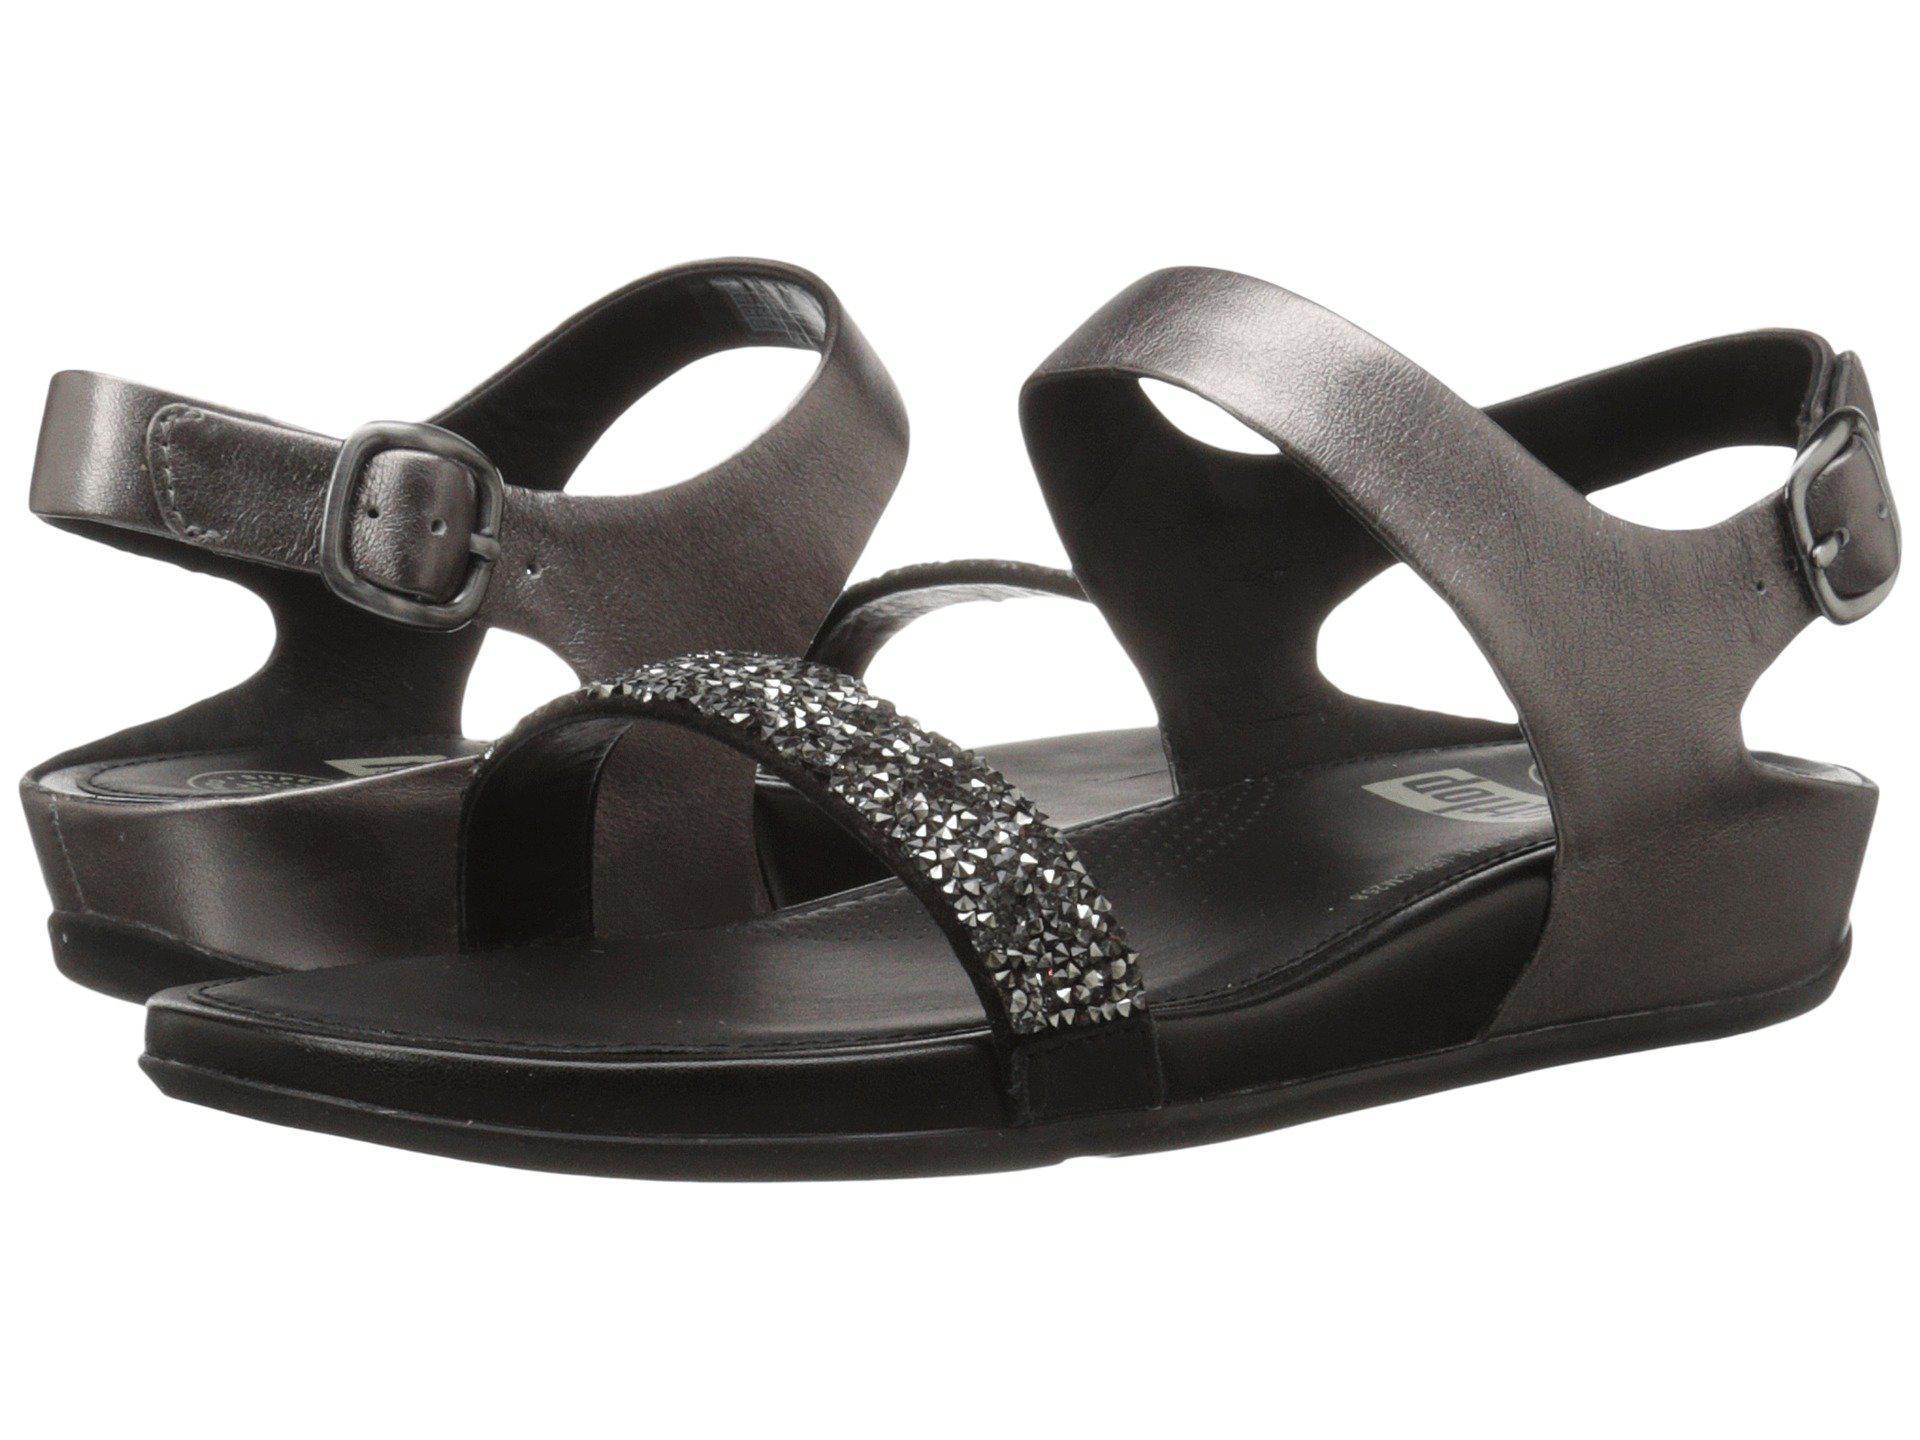 97a03f328 Lyst - Fitflop Banda Roxy Sandal in Black